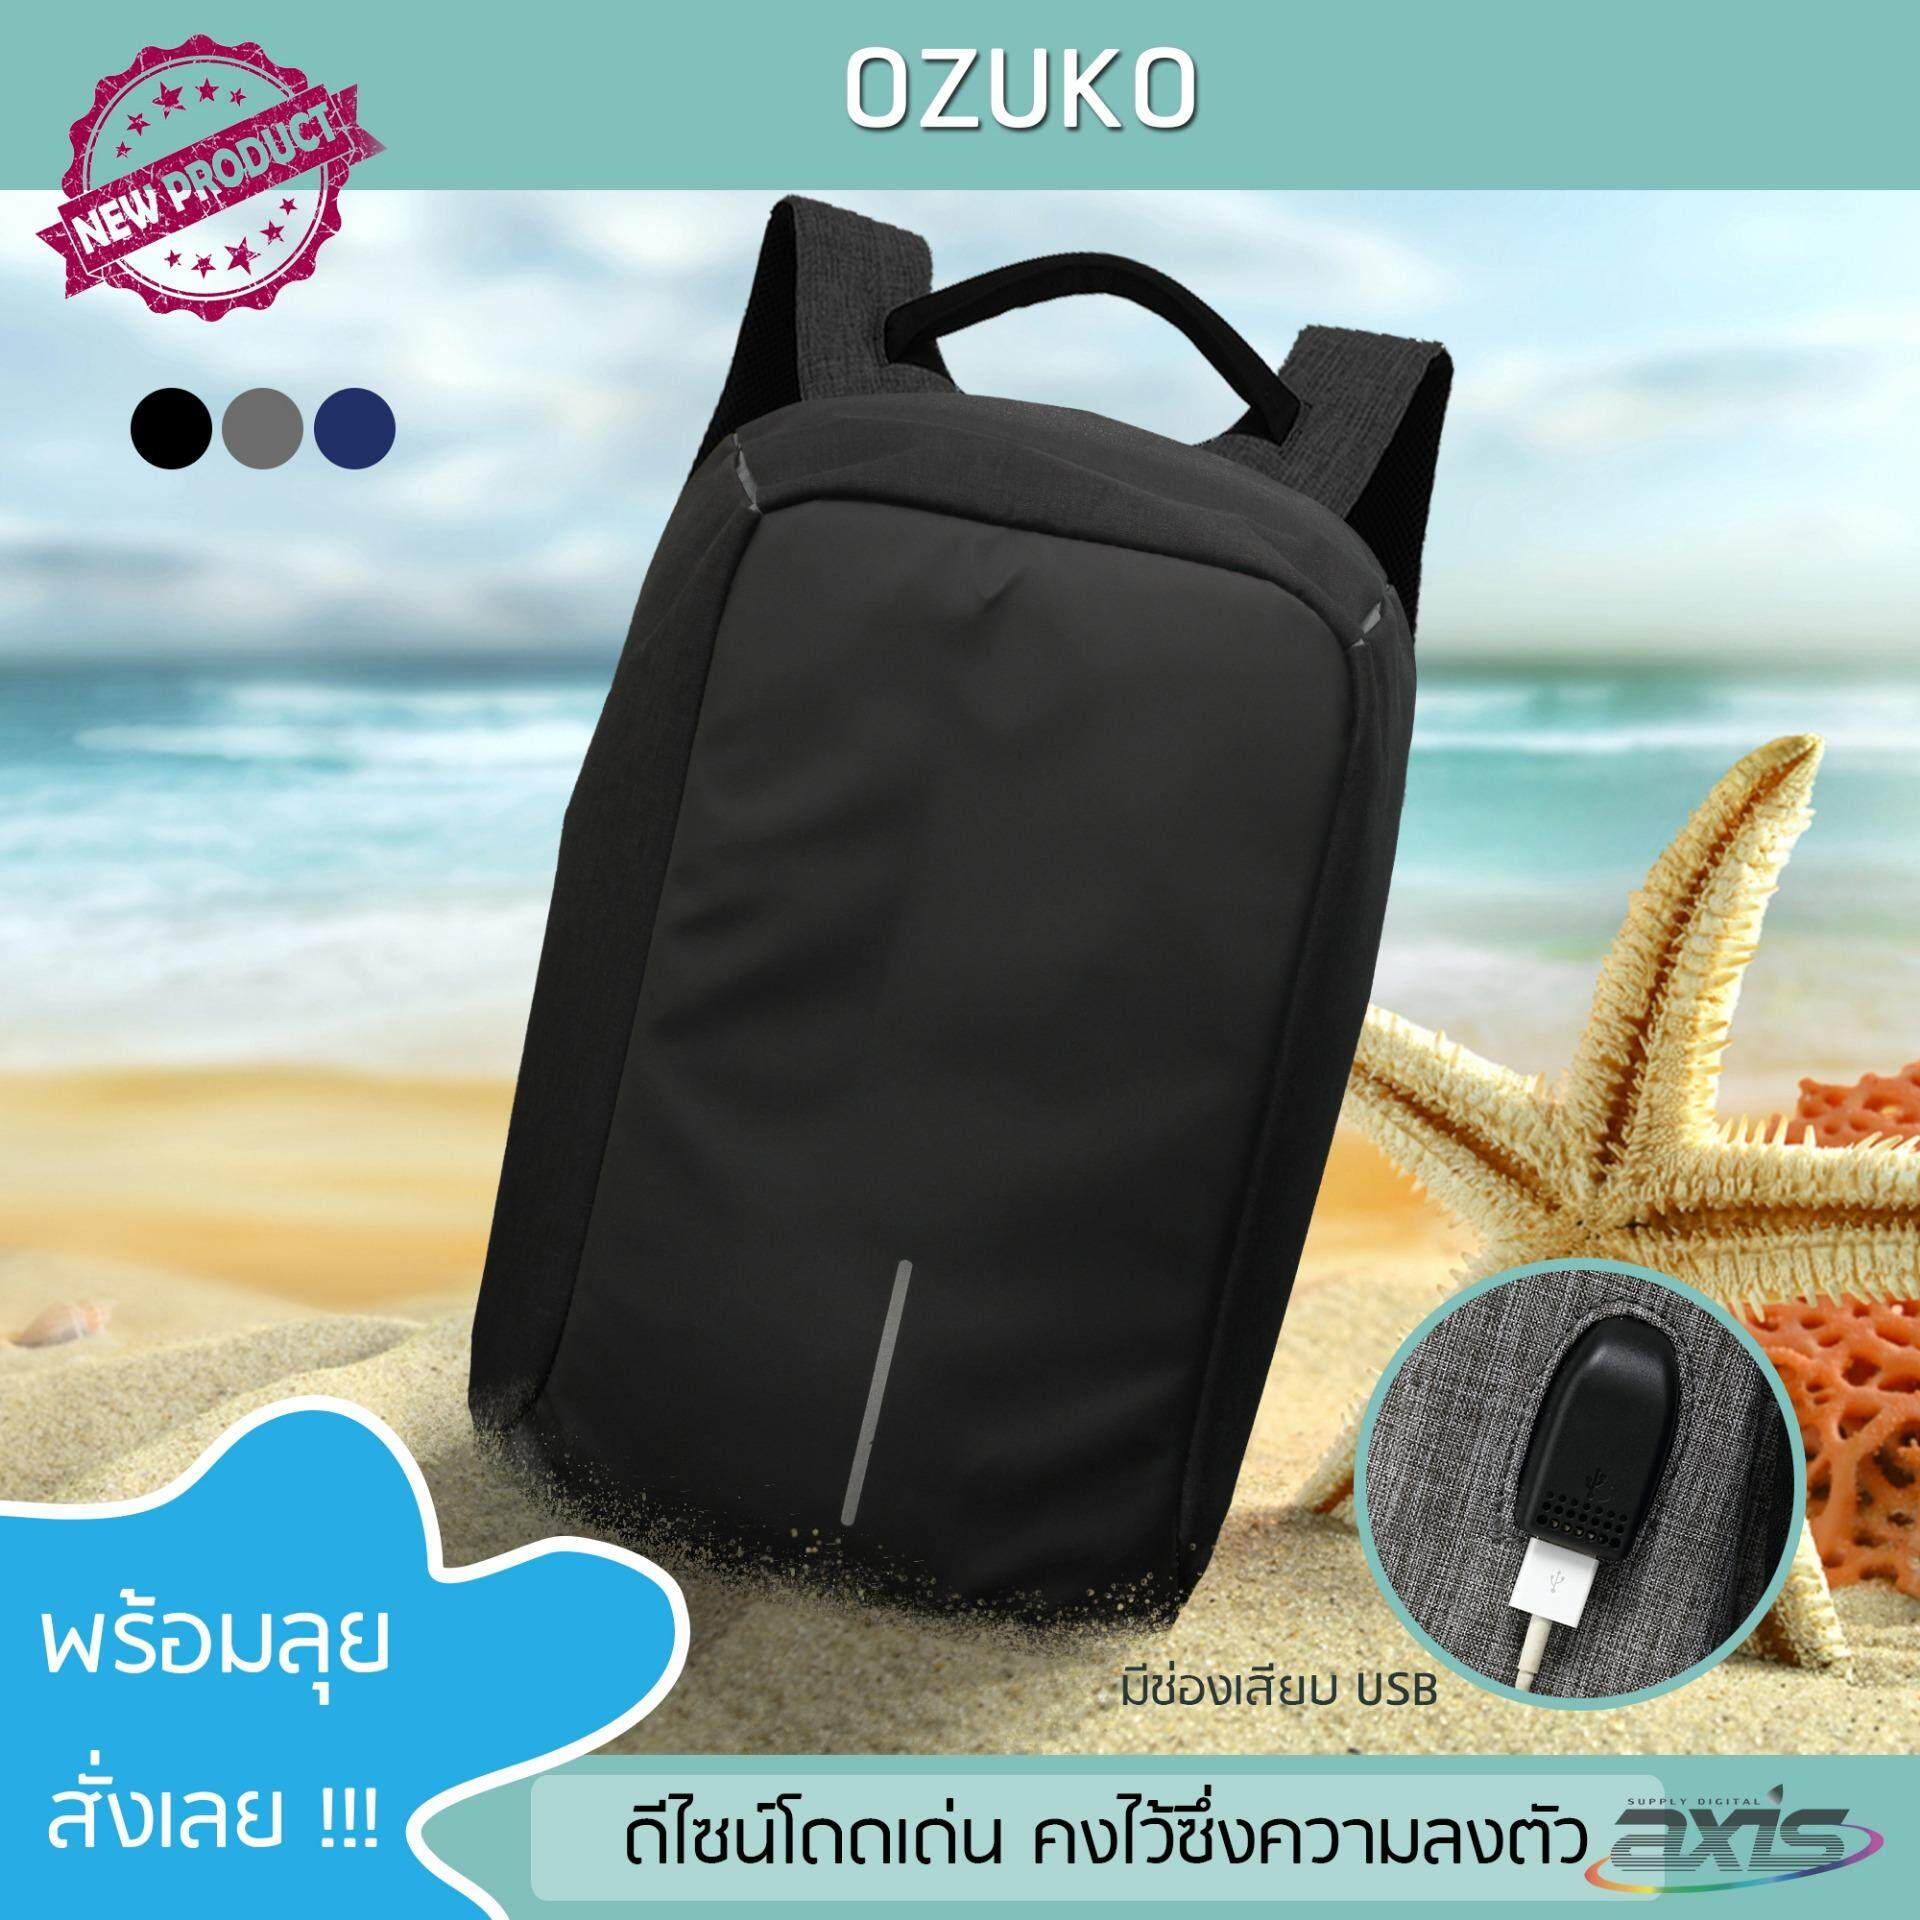 ส่วนลด สินค้า กระเป๋าเป้ Ozuko มี Usb Port ชาร์จโทรศัพท์ คงทนแข็งแรงใส่ของได้เยอะมีช่องซิปภายใน Notebook แฟ้มเอกสาร เสื้อผ้า โทรศัพท์มือถือ อื่นๆ สีดำ